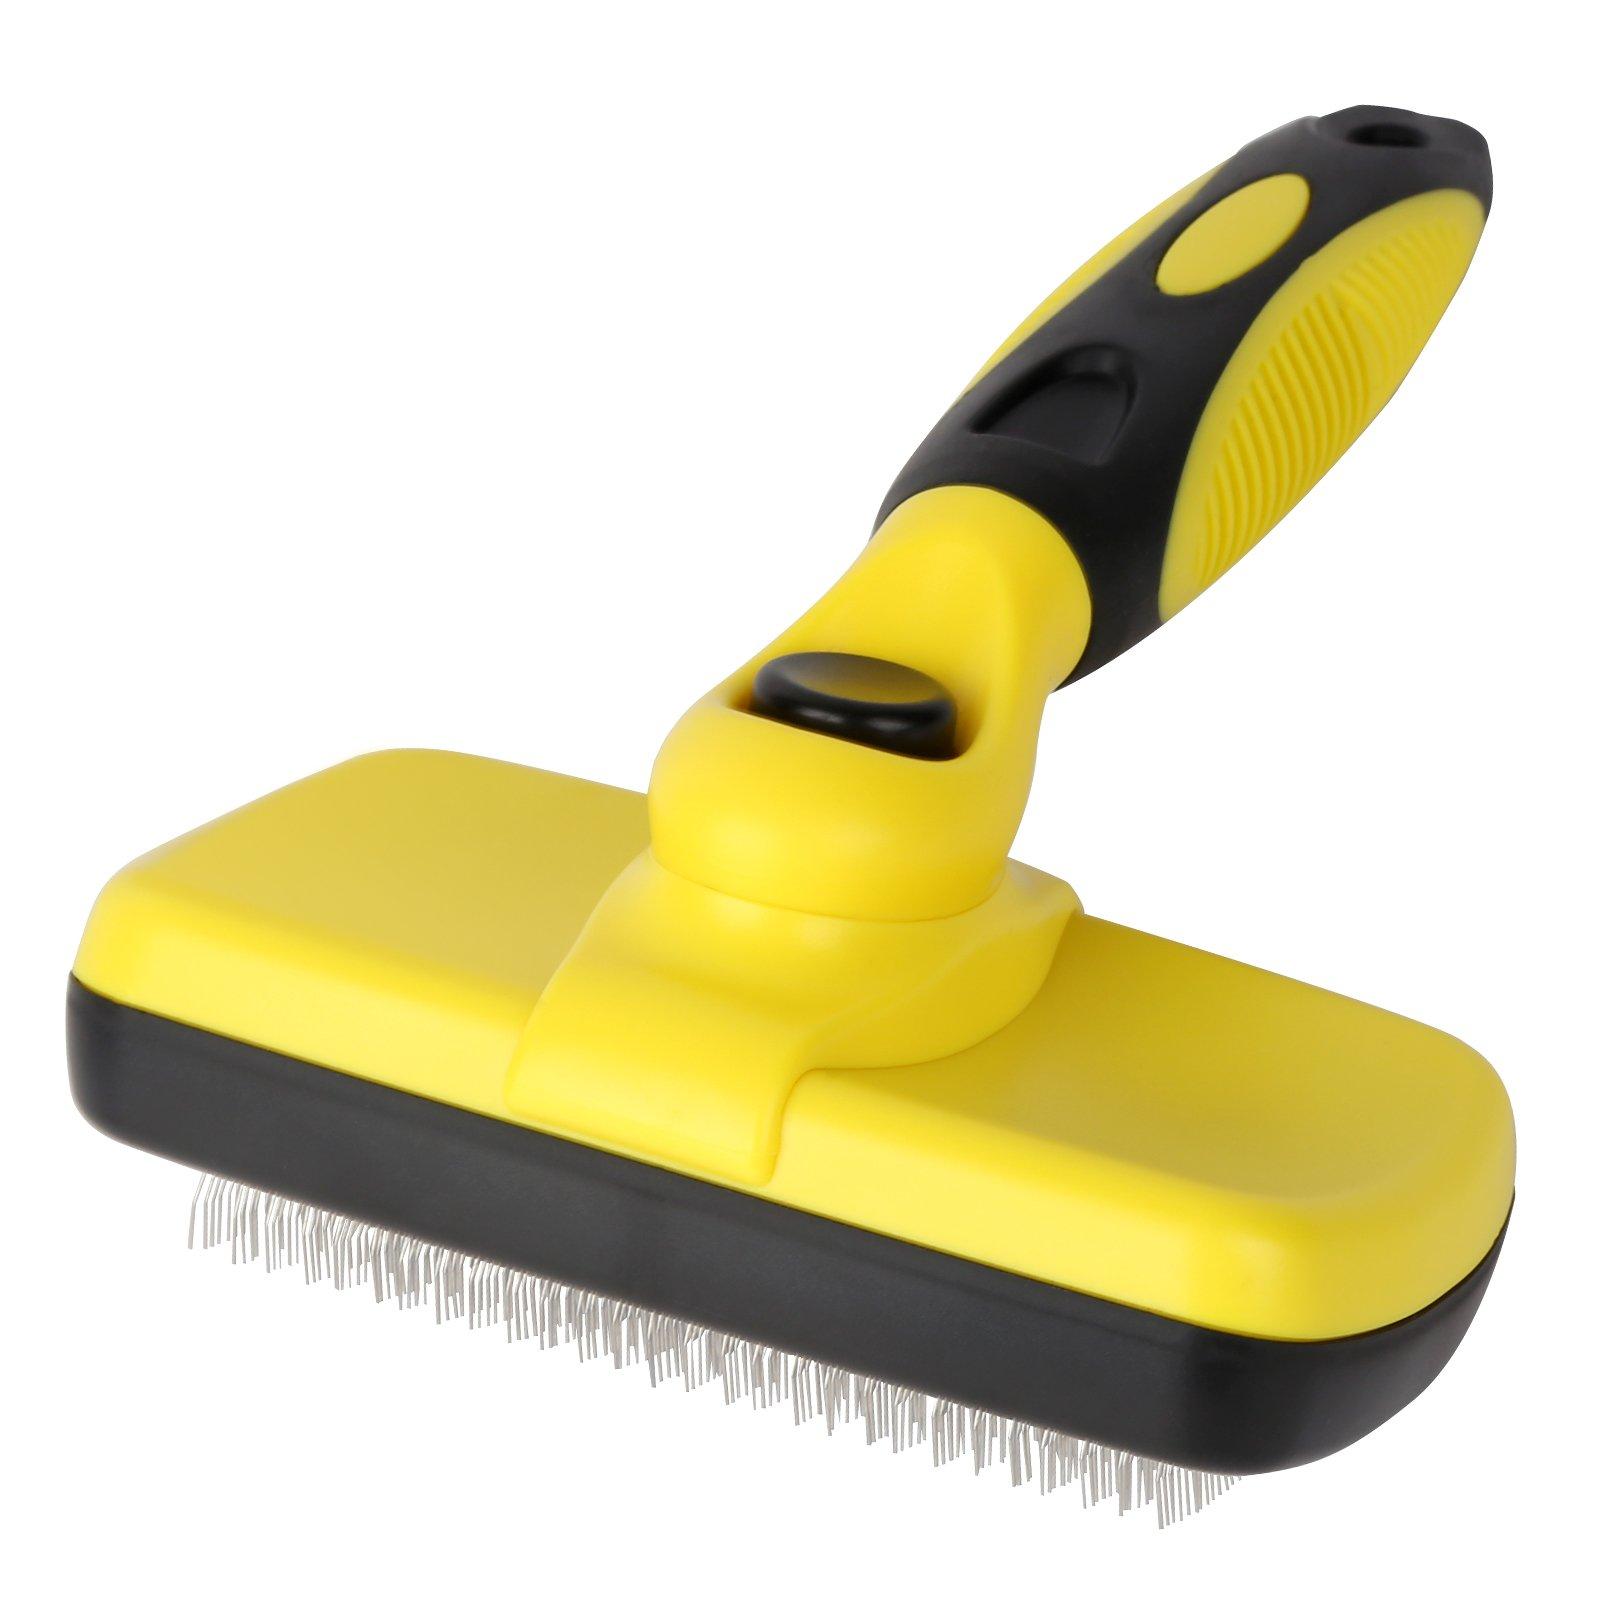 PEDOMUS Pet Self Cleaning Slicker Brush Shedding Grooming Brush Removes Long Short Hair Ergonomic Non-Slip Handle